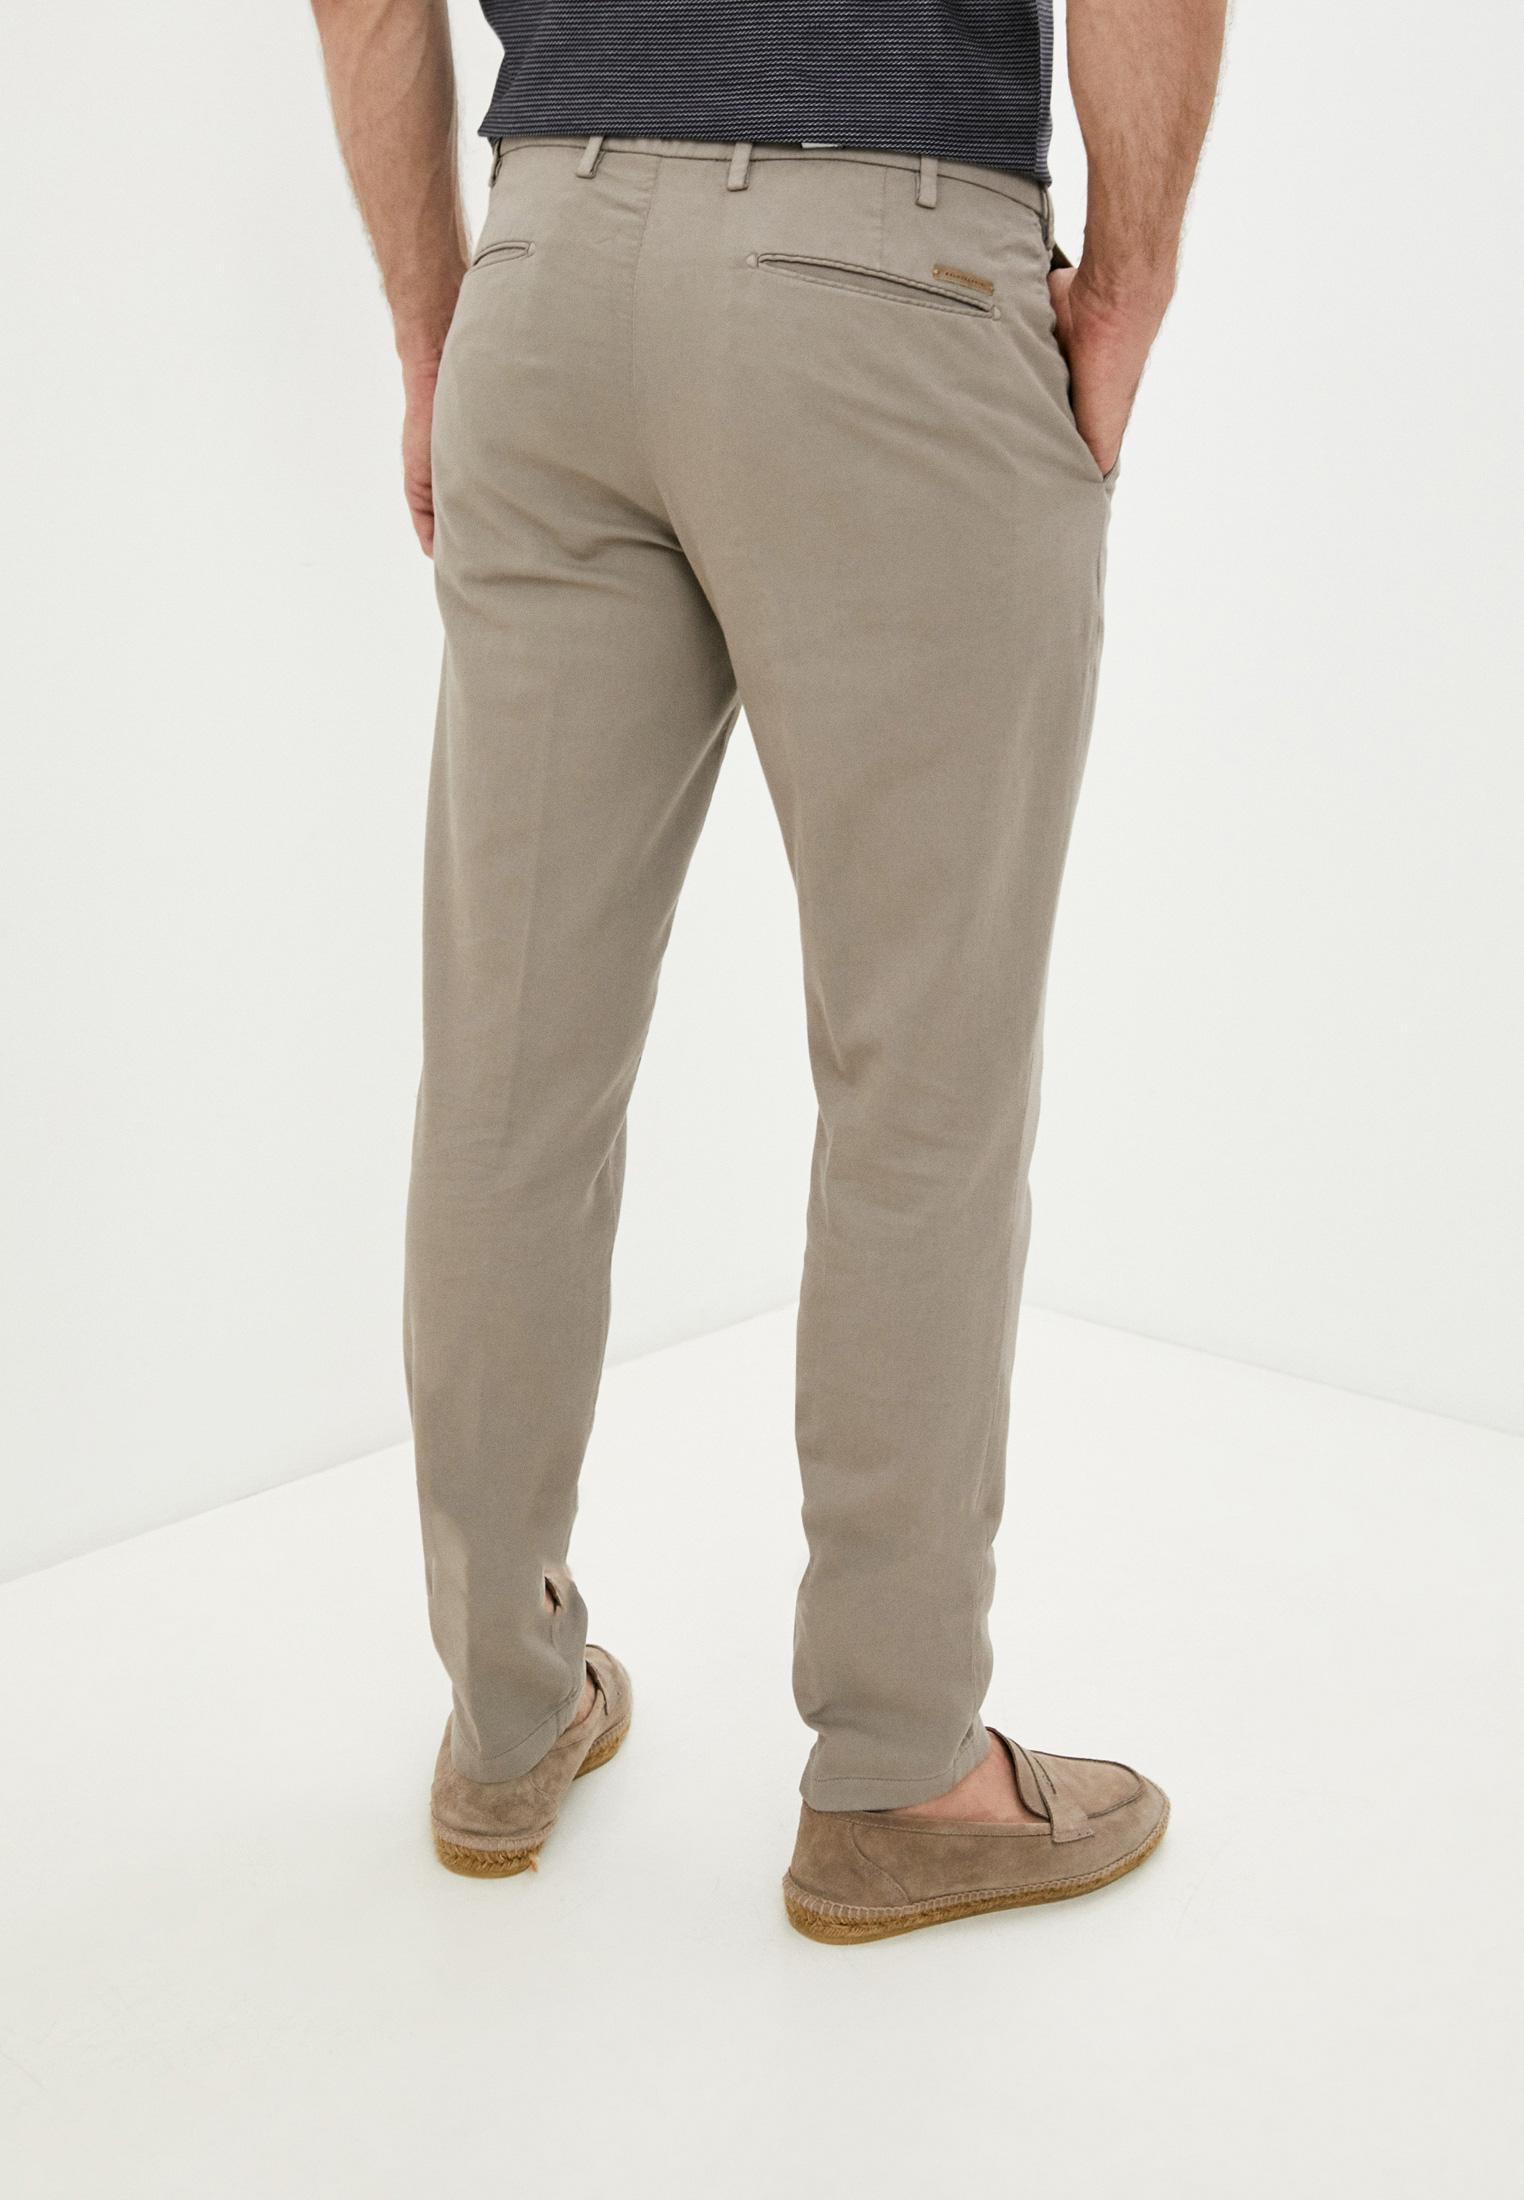 Мужские классические брюки BALDESSARINI (Балдессарини) 19006.6647: изображение 4